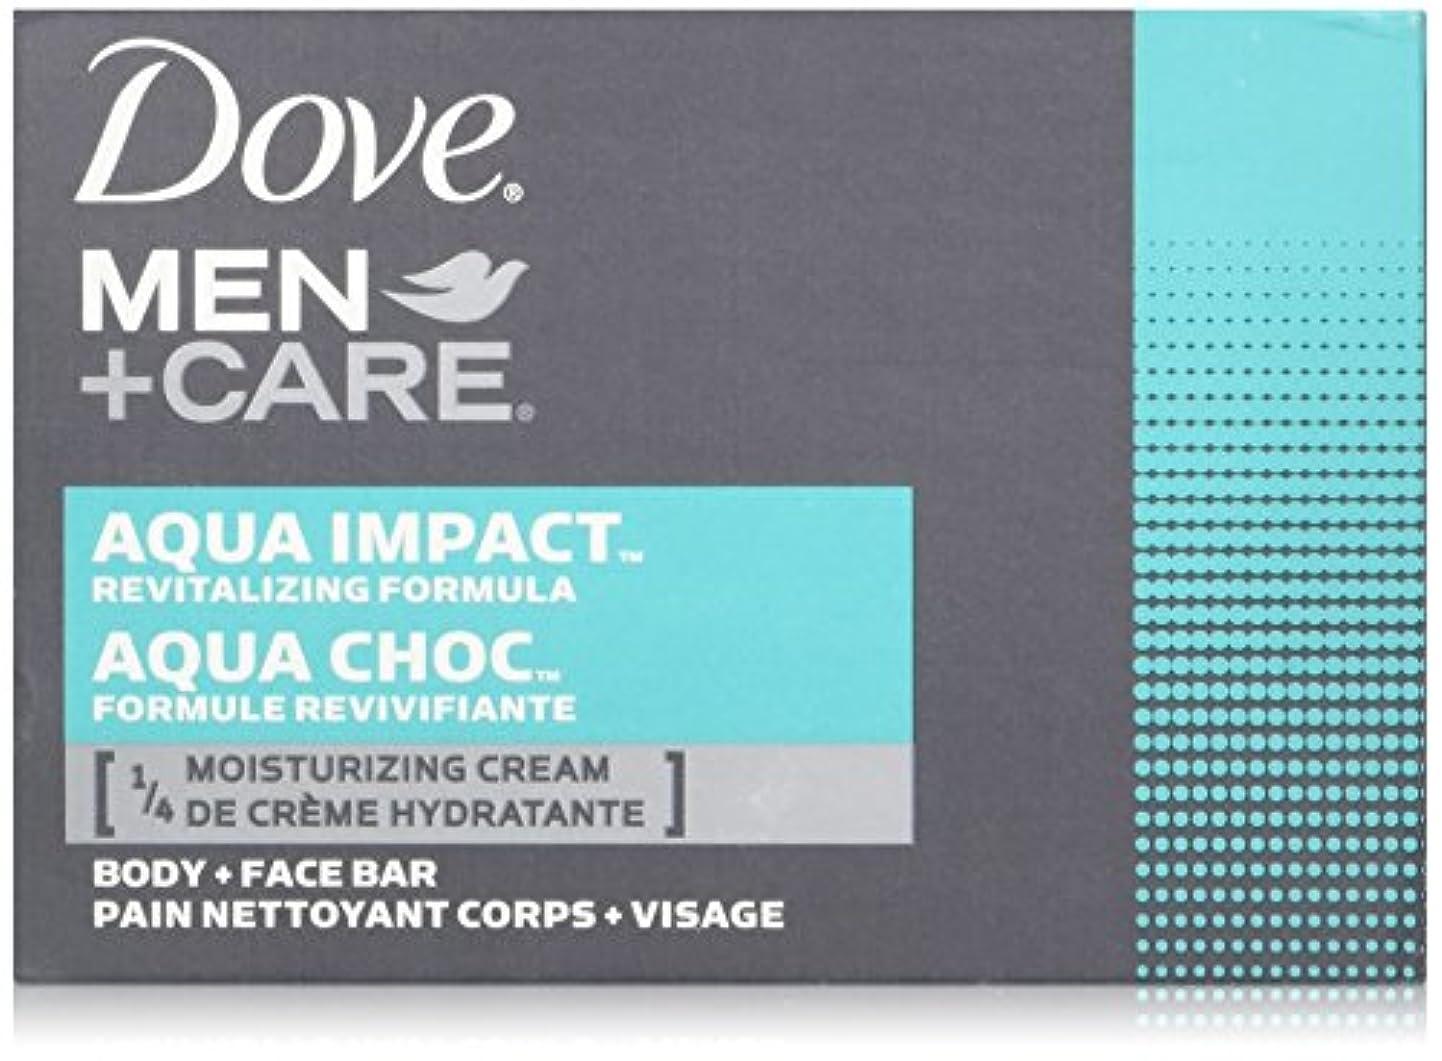 注入するまともな壊れたDove Men + Care Body and Face Bar, AQUA IMPACT 4oz x 6soaps ダブ メン プラスケア アクアインパクト 固形石鹸 4oz x 6個パック